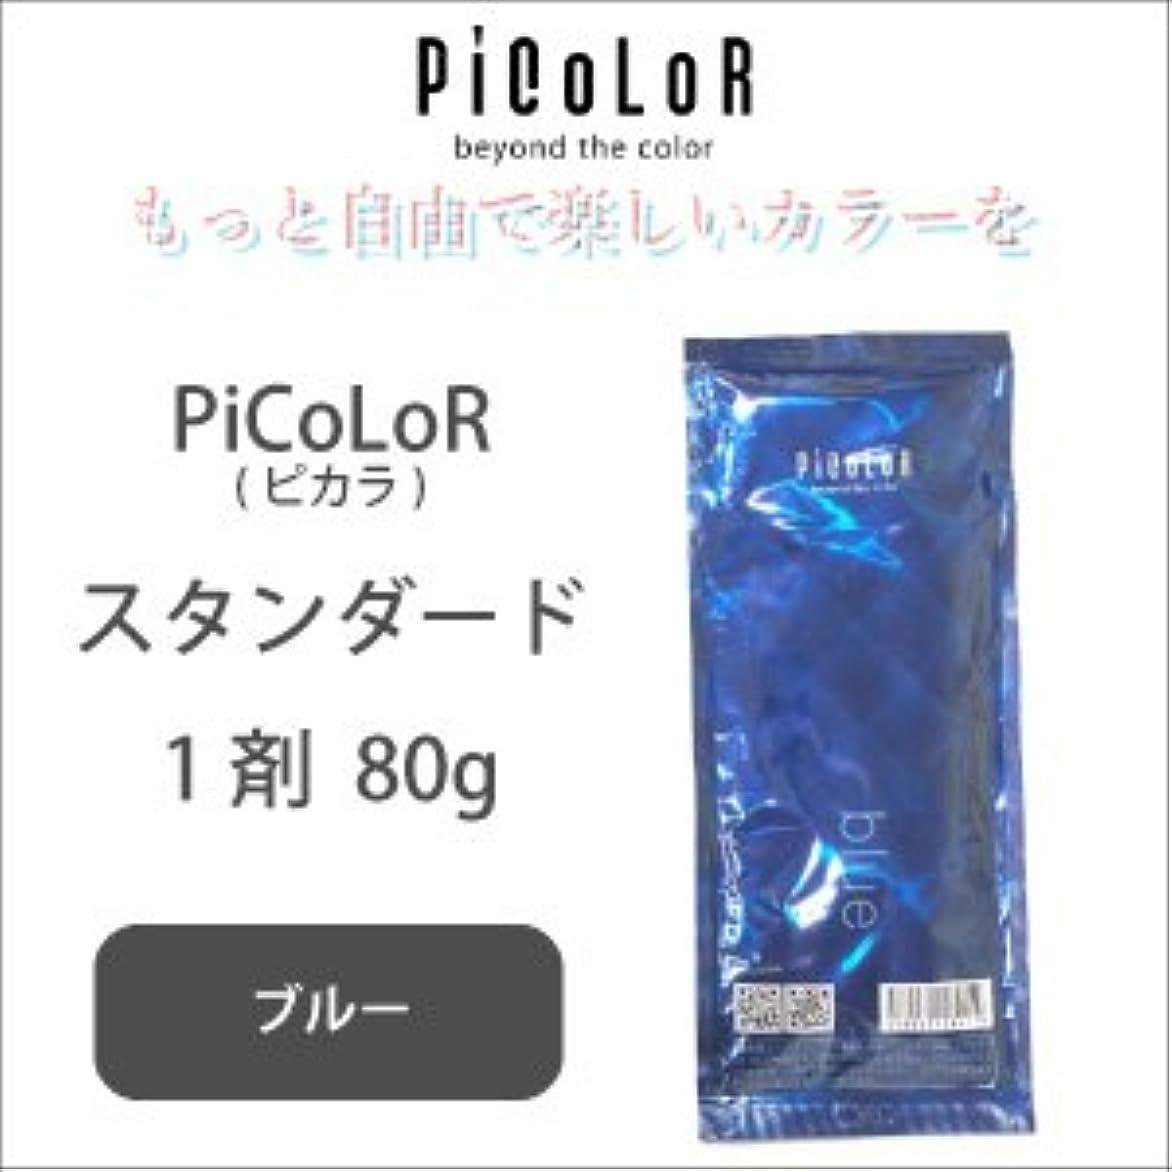 傀儡比較風邪をひくムコタ ピカラ ヘアカラー スタンダード blue ブルー 1剤 80g